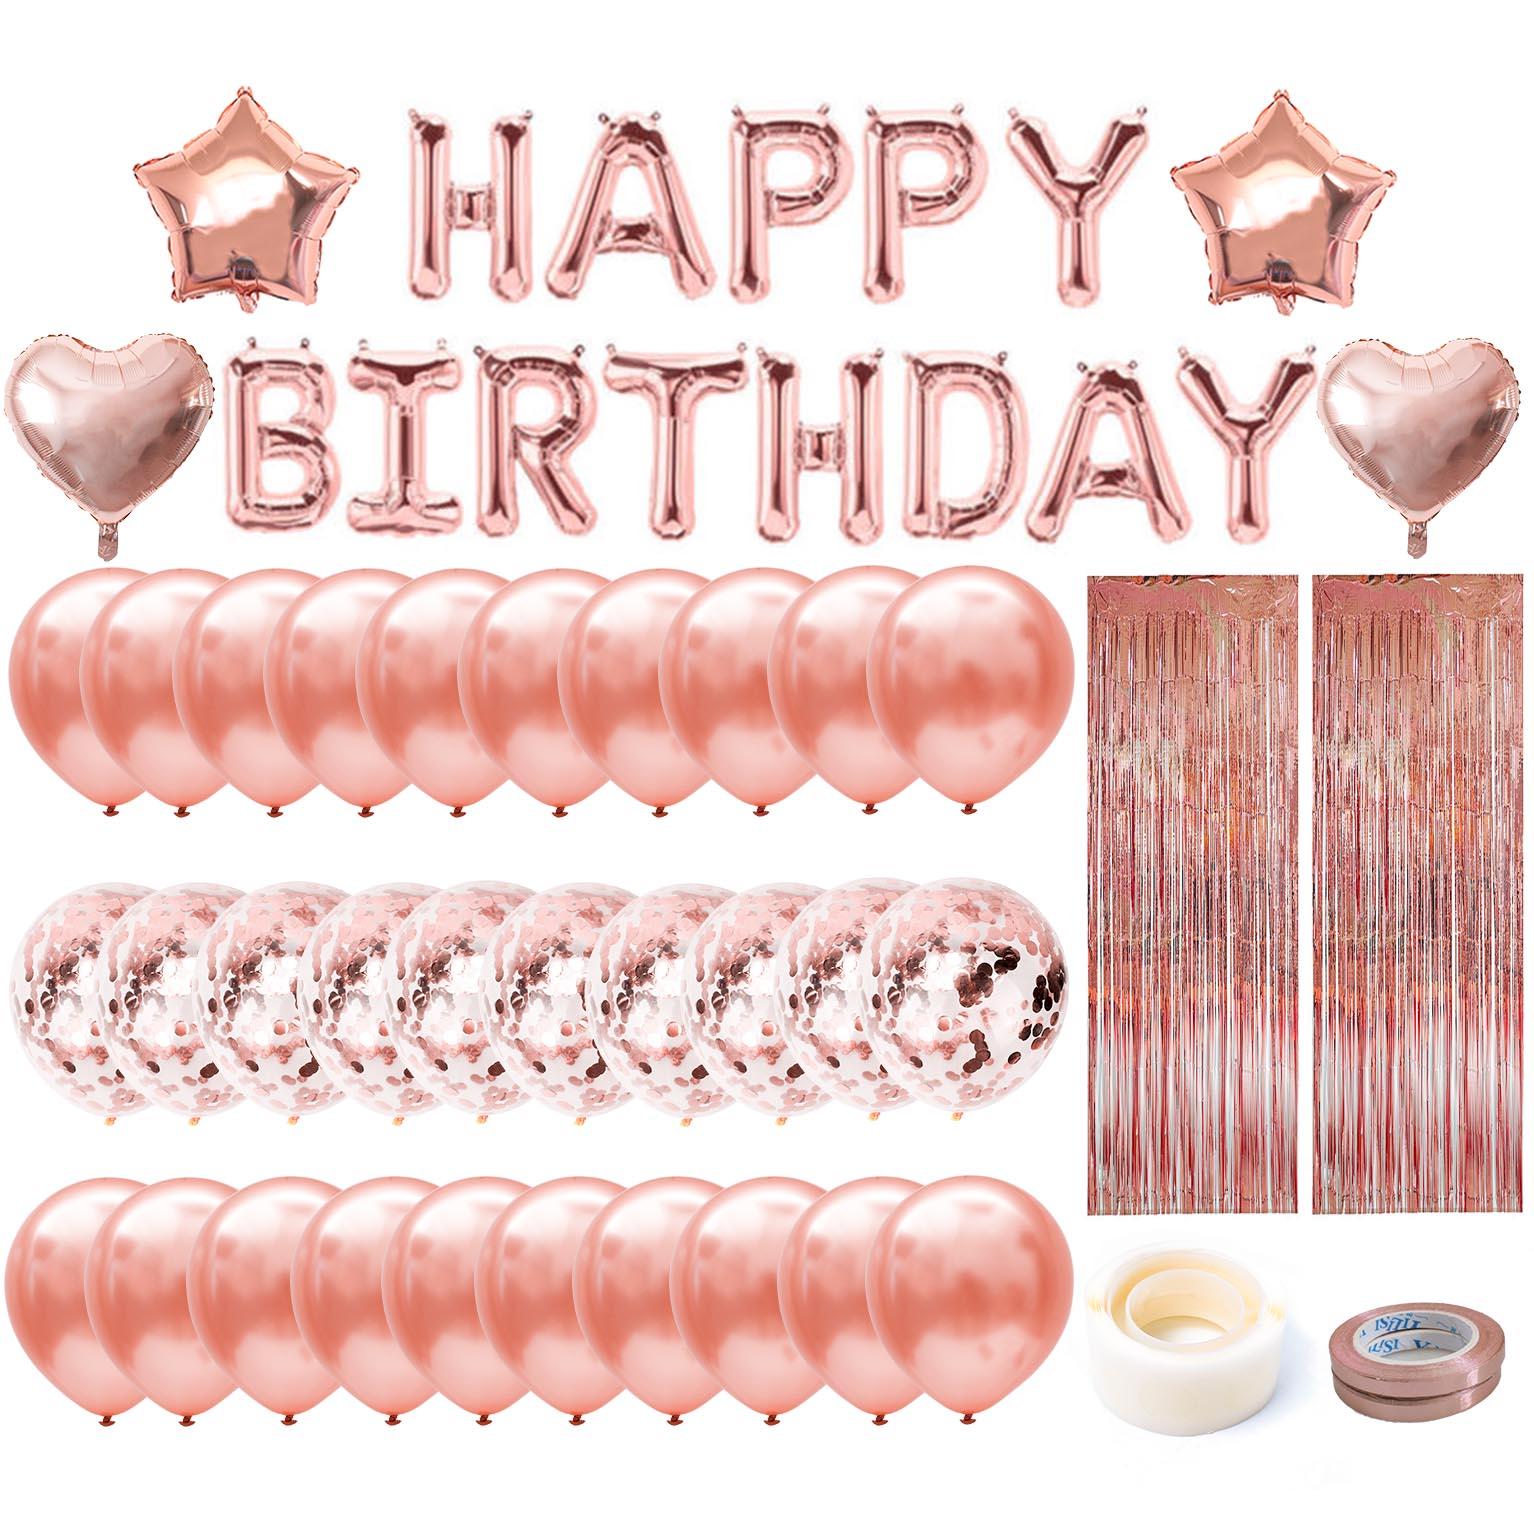 Rosa de ouro feliz aniversário carta folha balões adultos feminino decoração de festa do bebê 1 2 3 4 5 6 7 8 9 1st 30 40 50 anos de idade